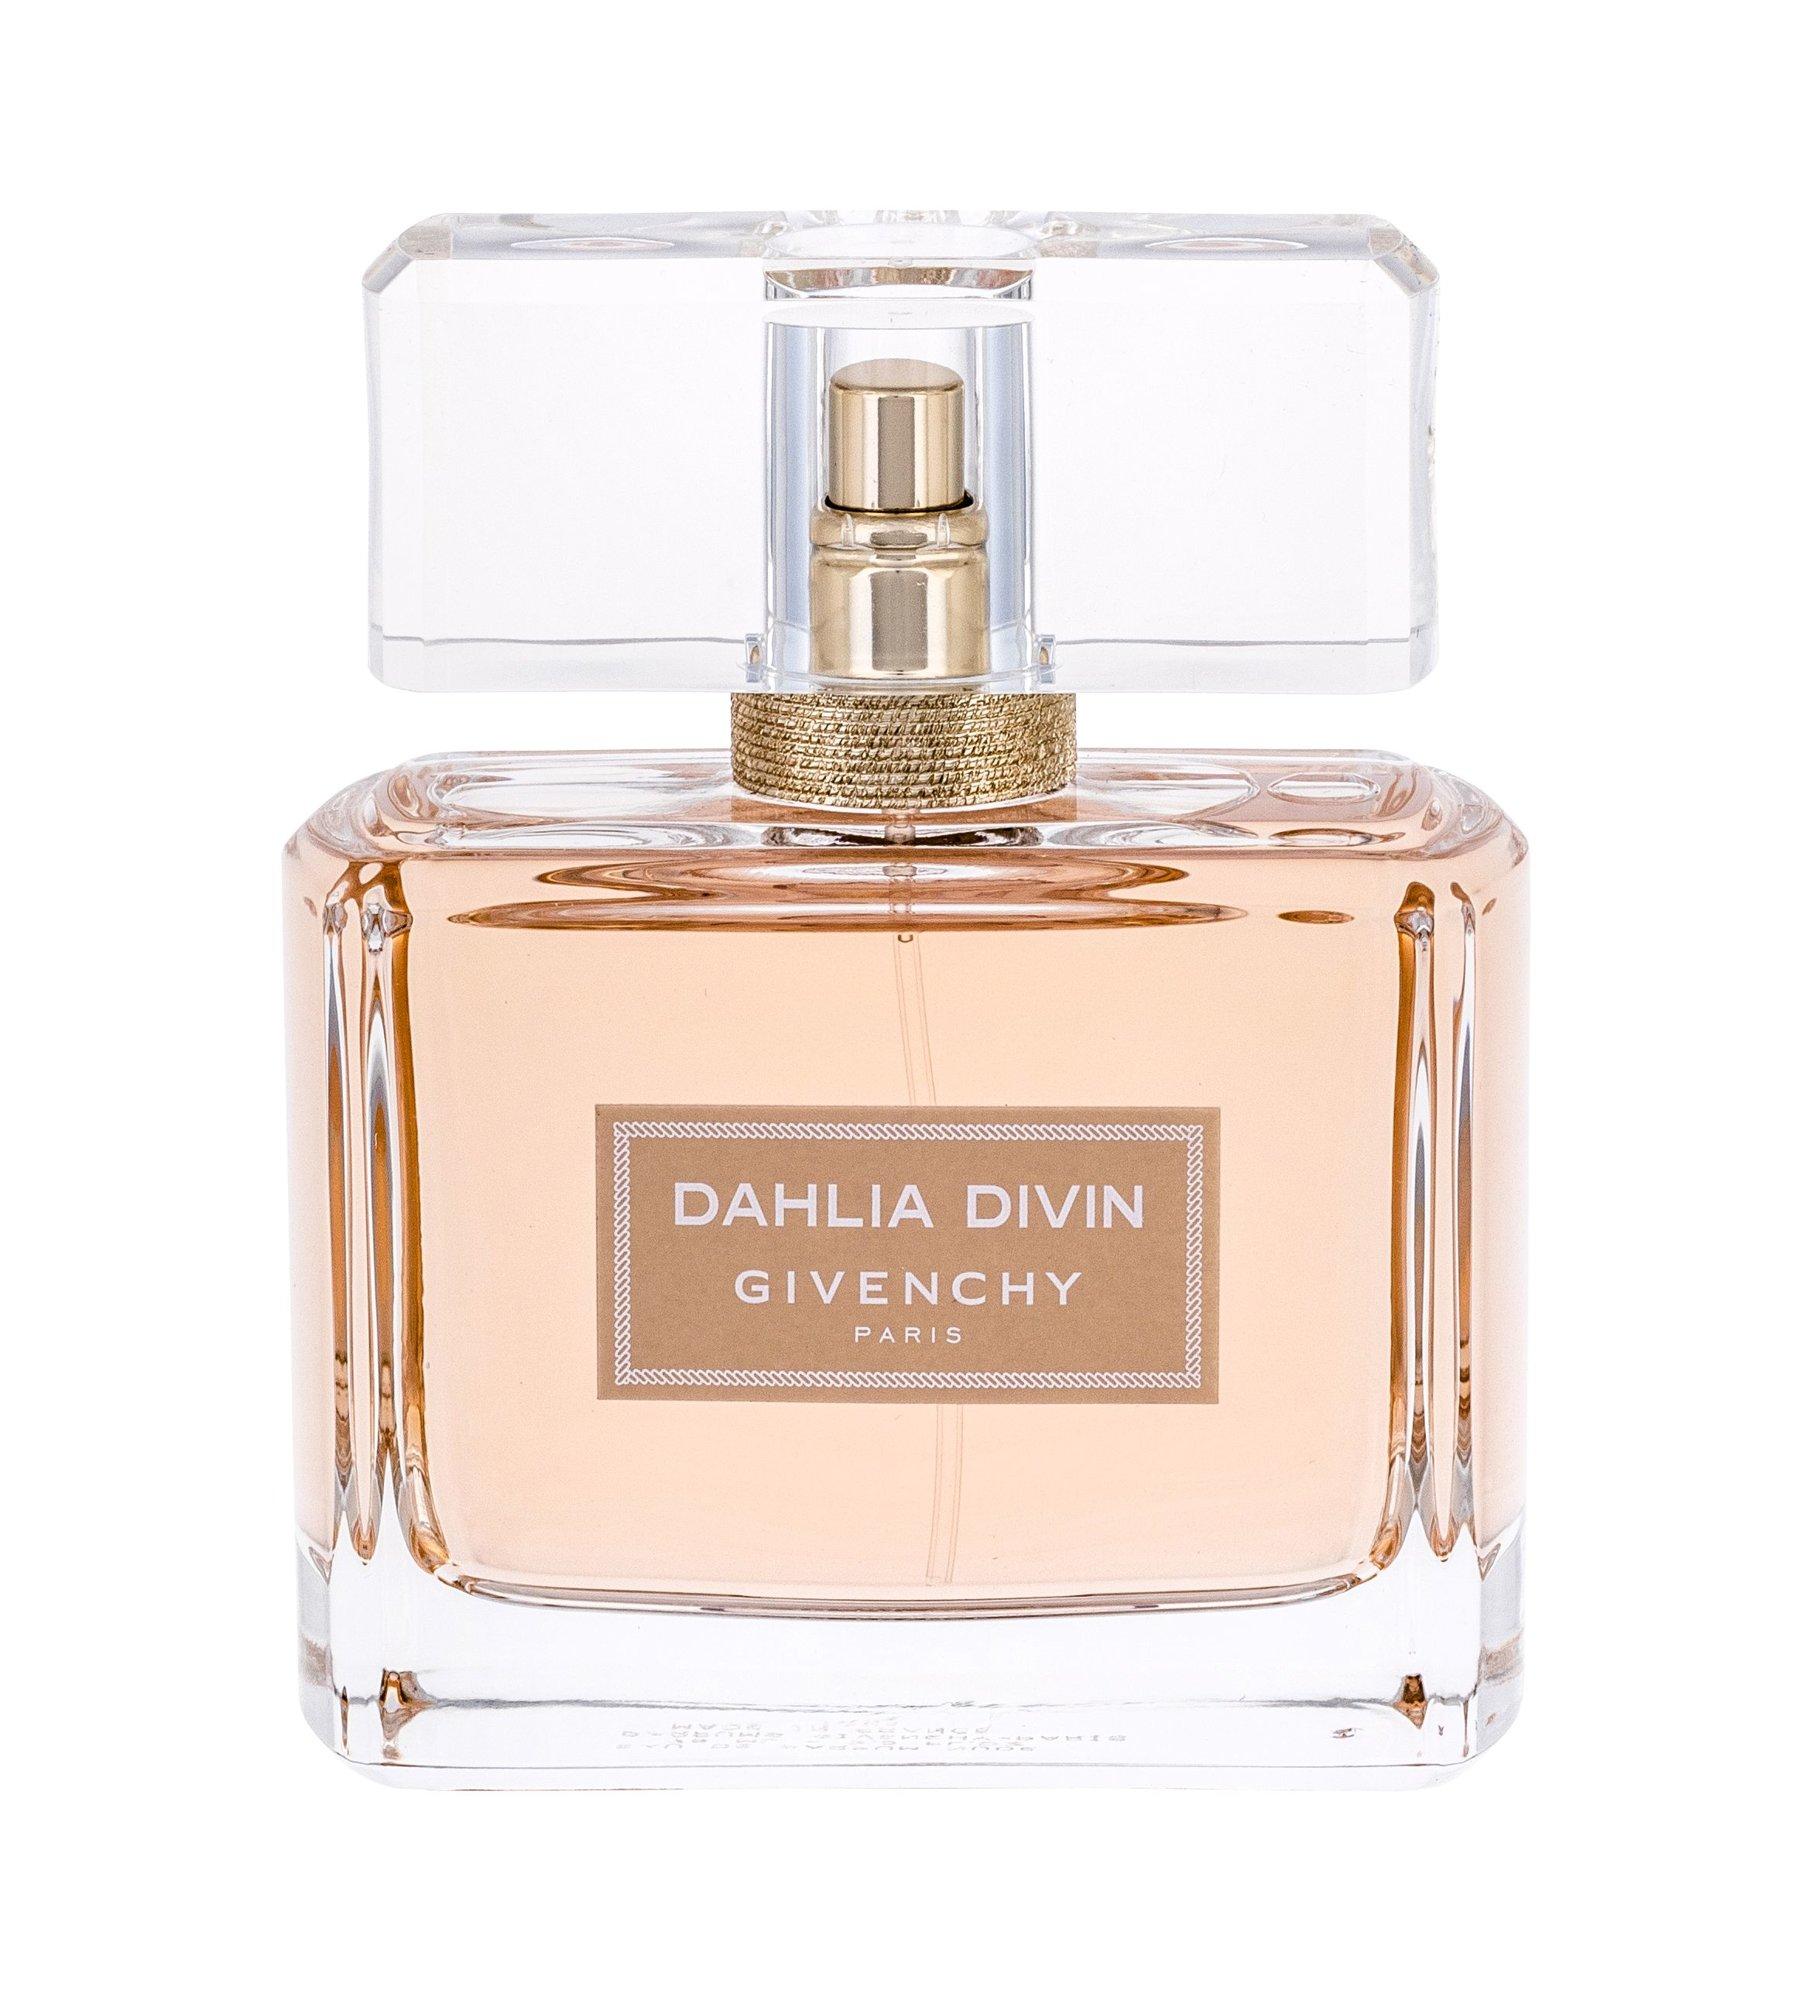 Givenchy Dahlia Divin Nude Eau de Parfum 75ml